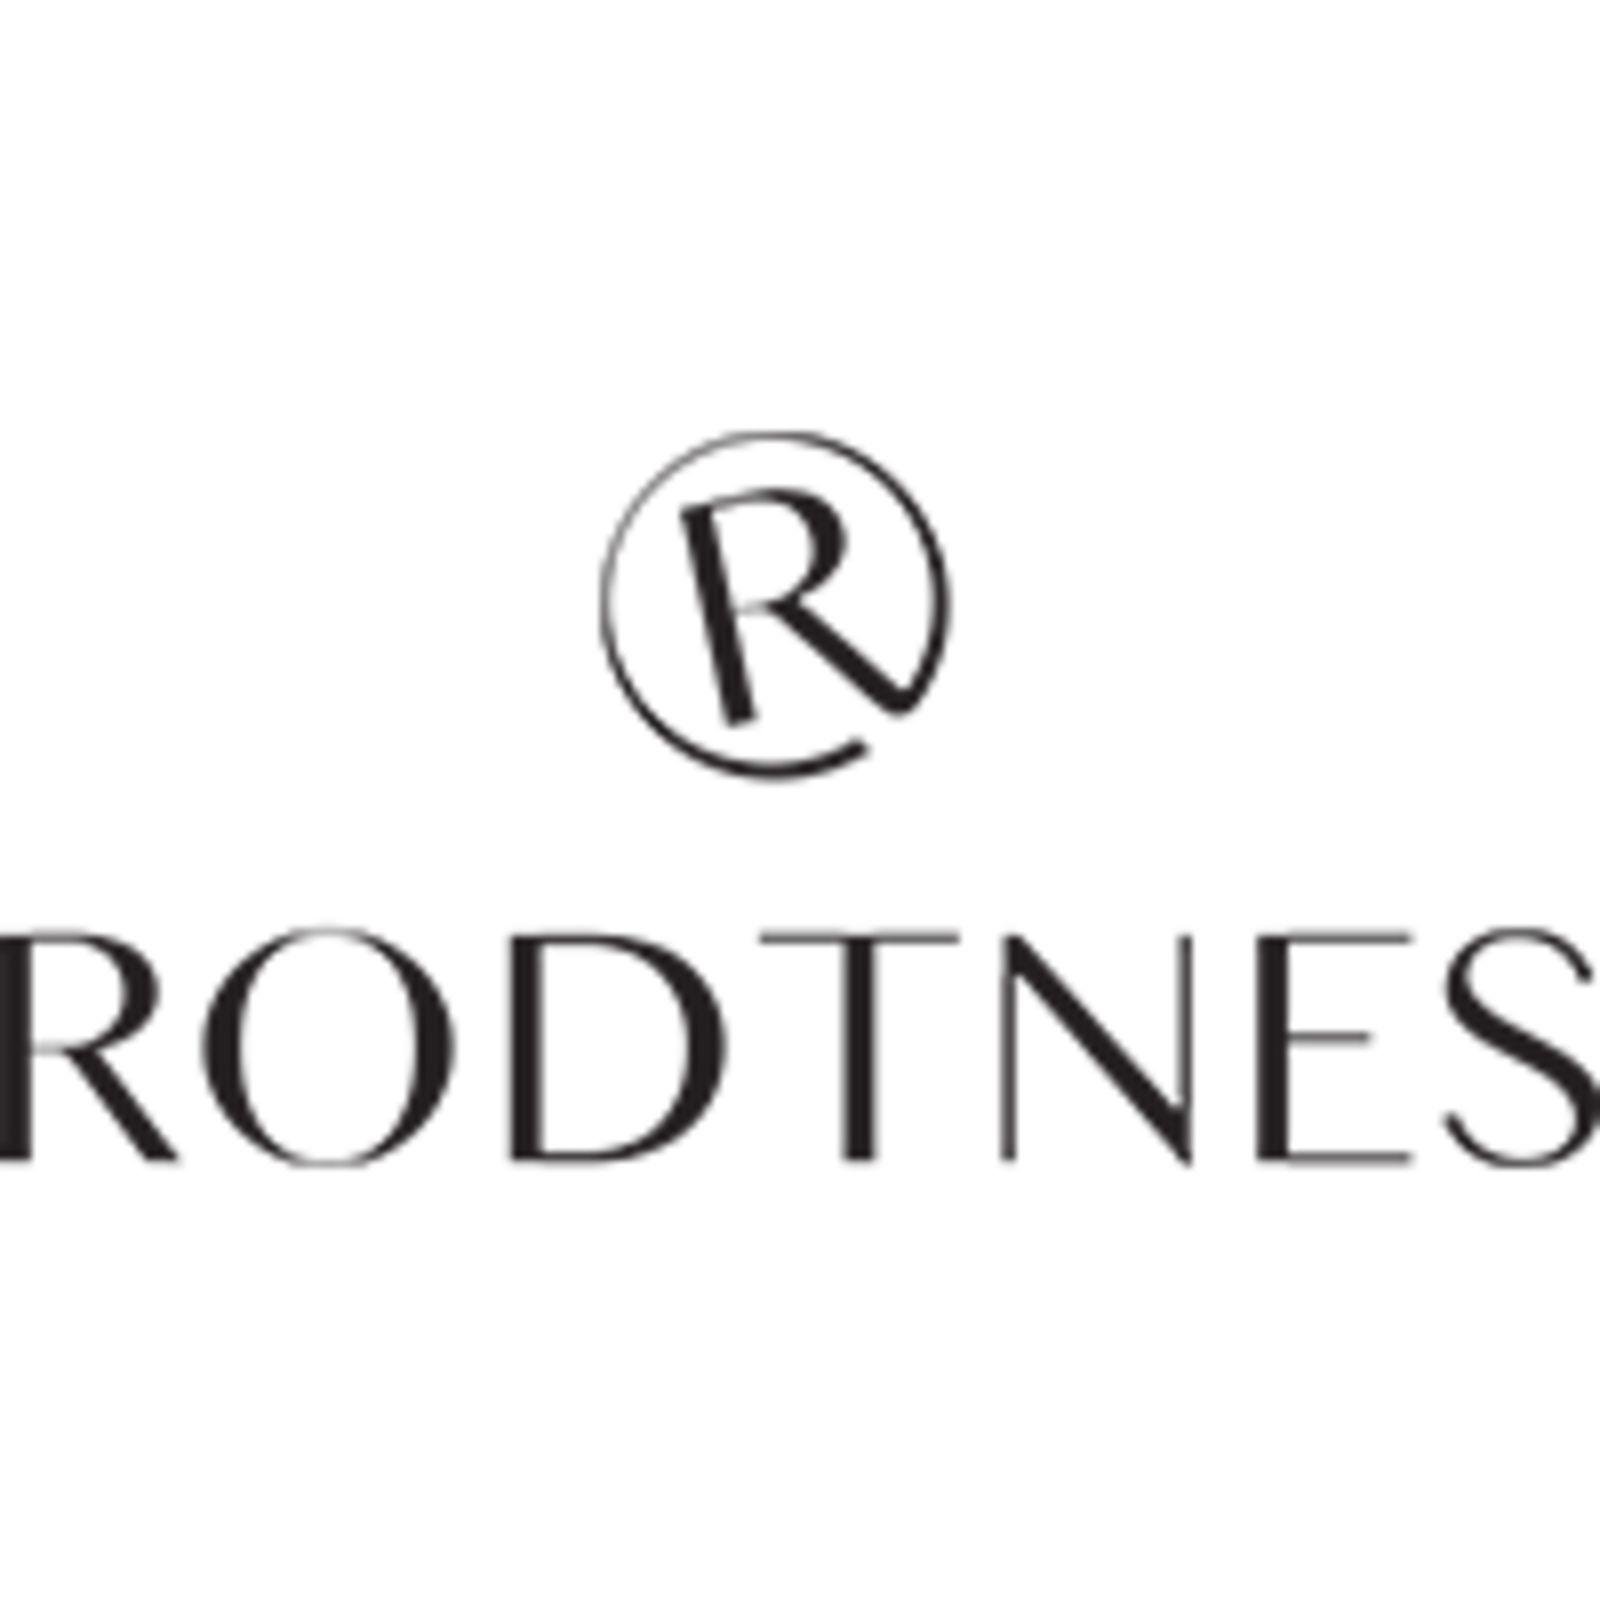 RODTNES